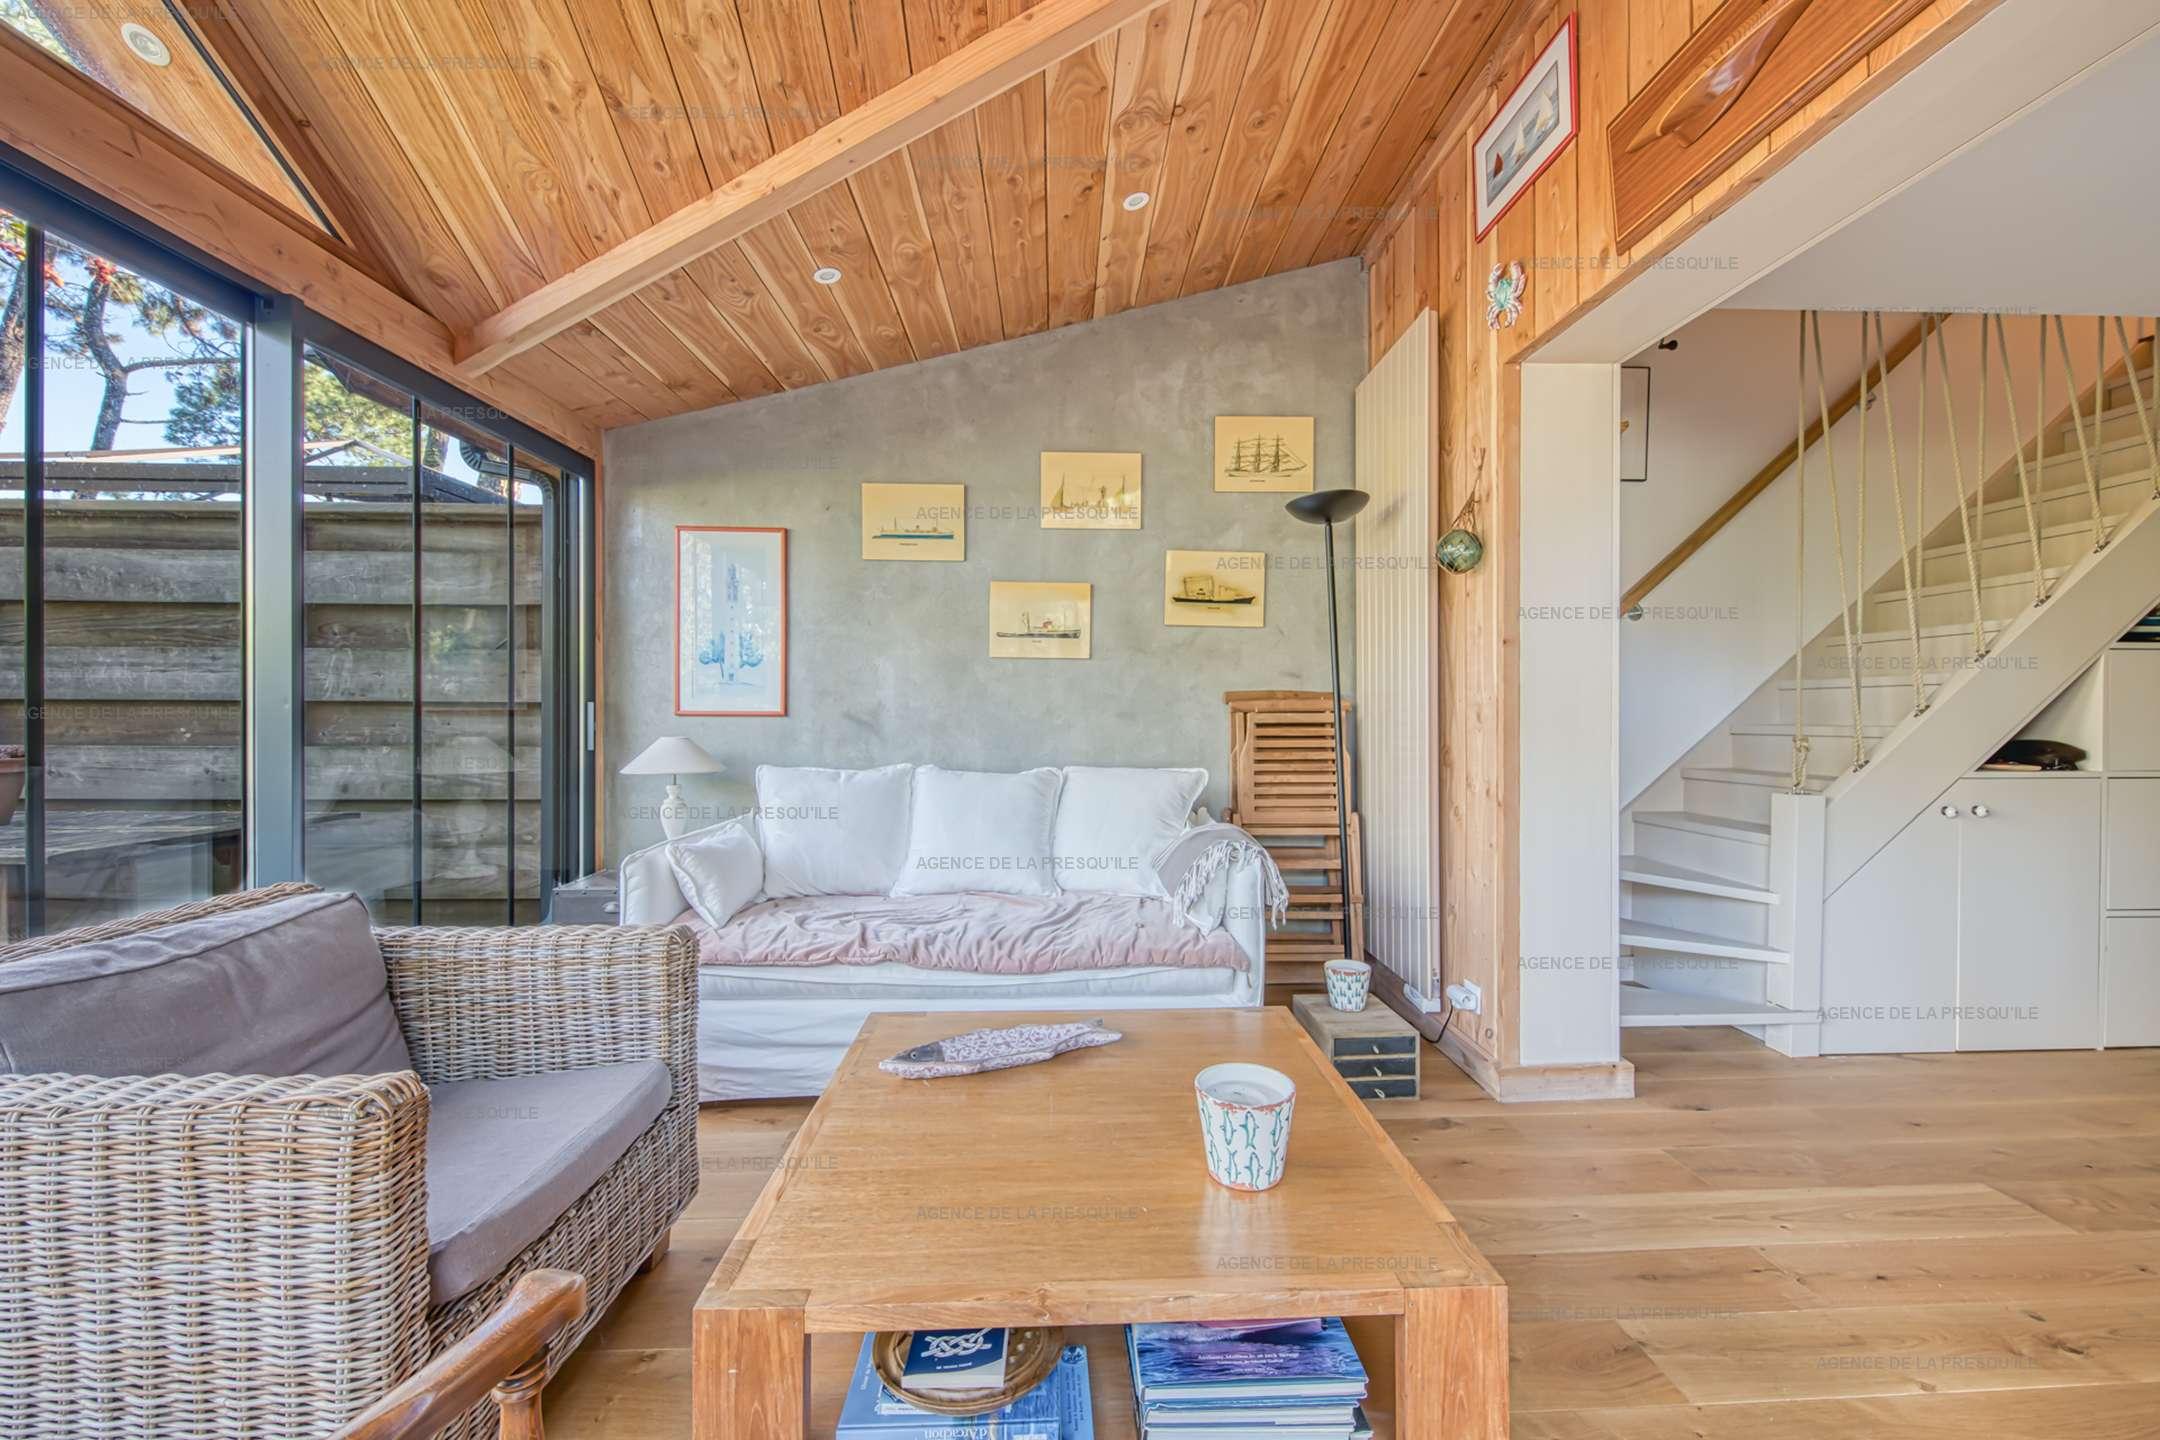 Location: Jolie villa en bois située au mimbeau 5